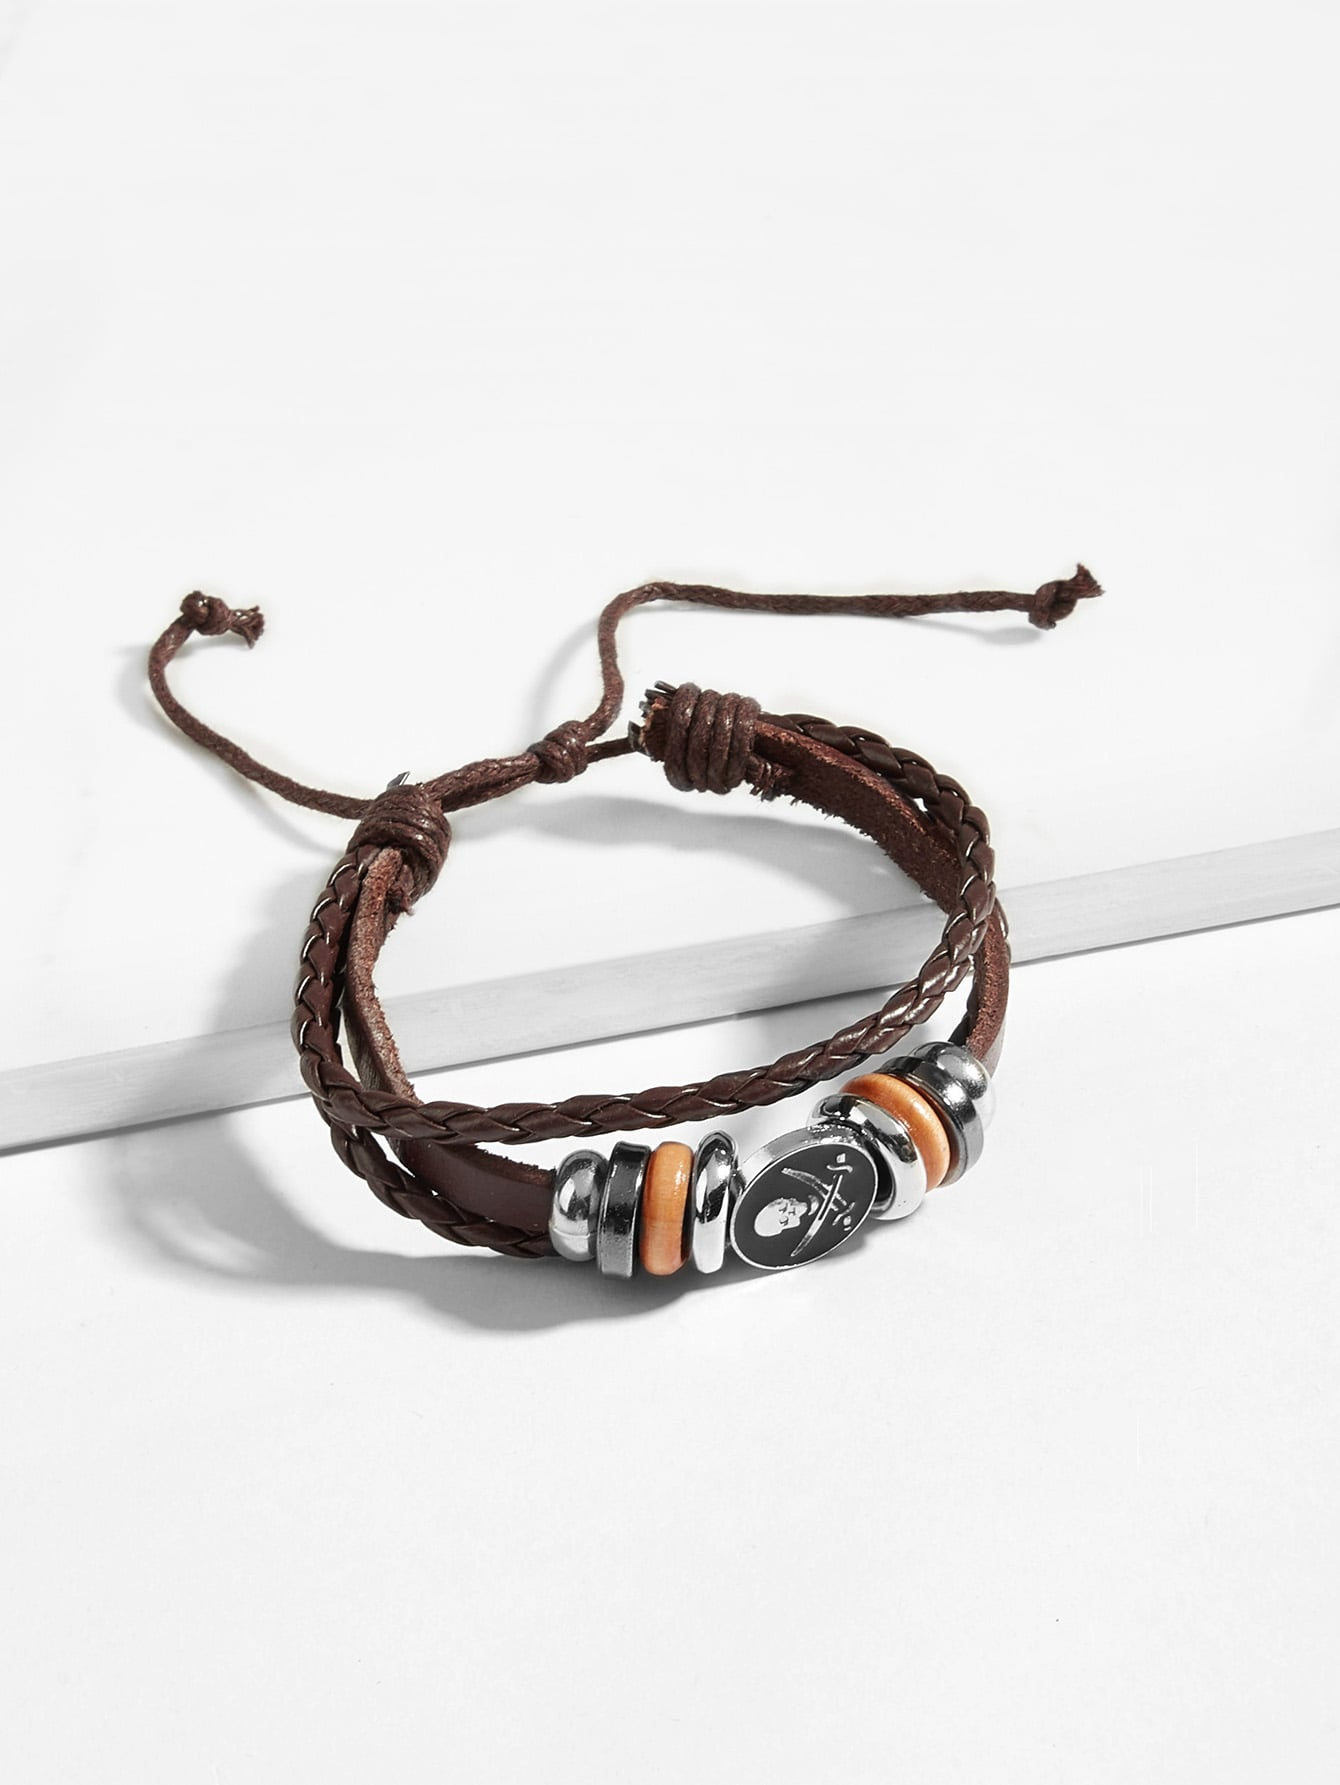 Слойный оплетённый браслет с украшением скелета для мужчины, null, SheIn  - купить со скидкой